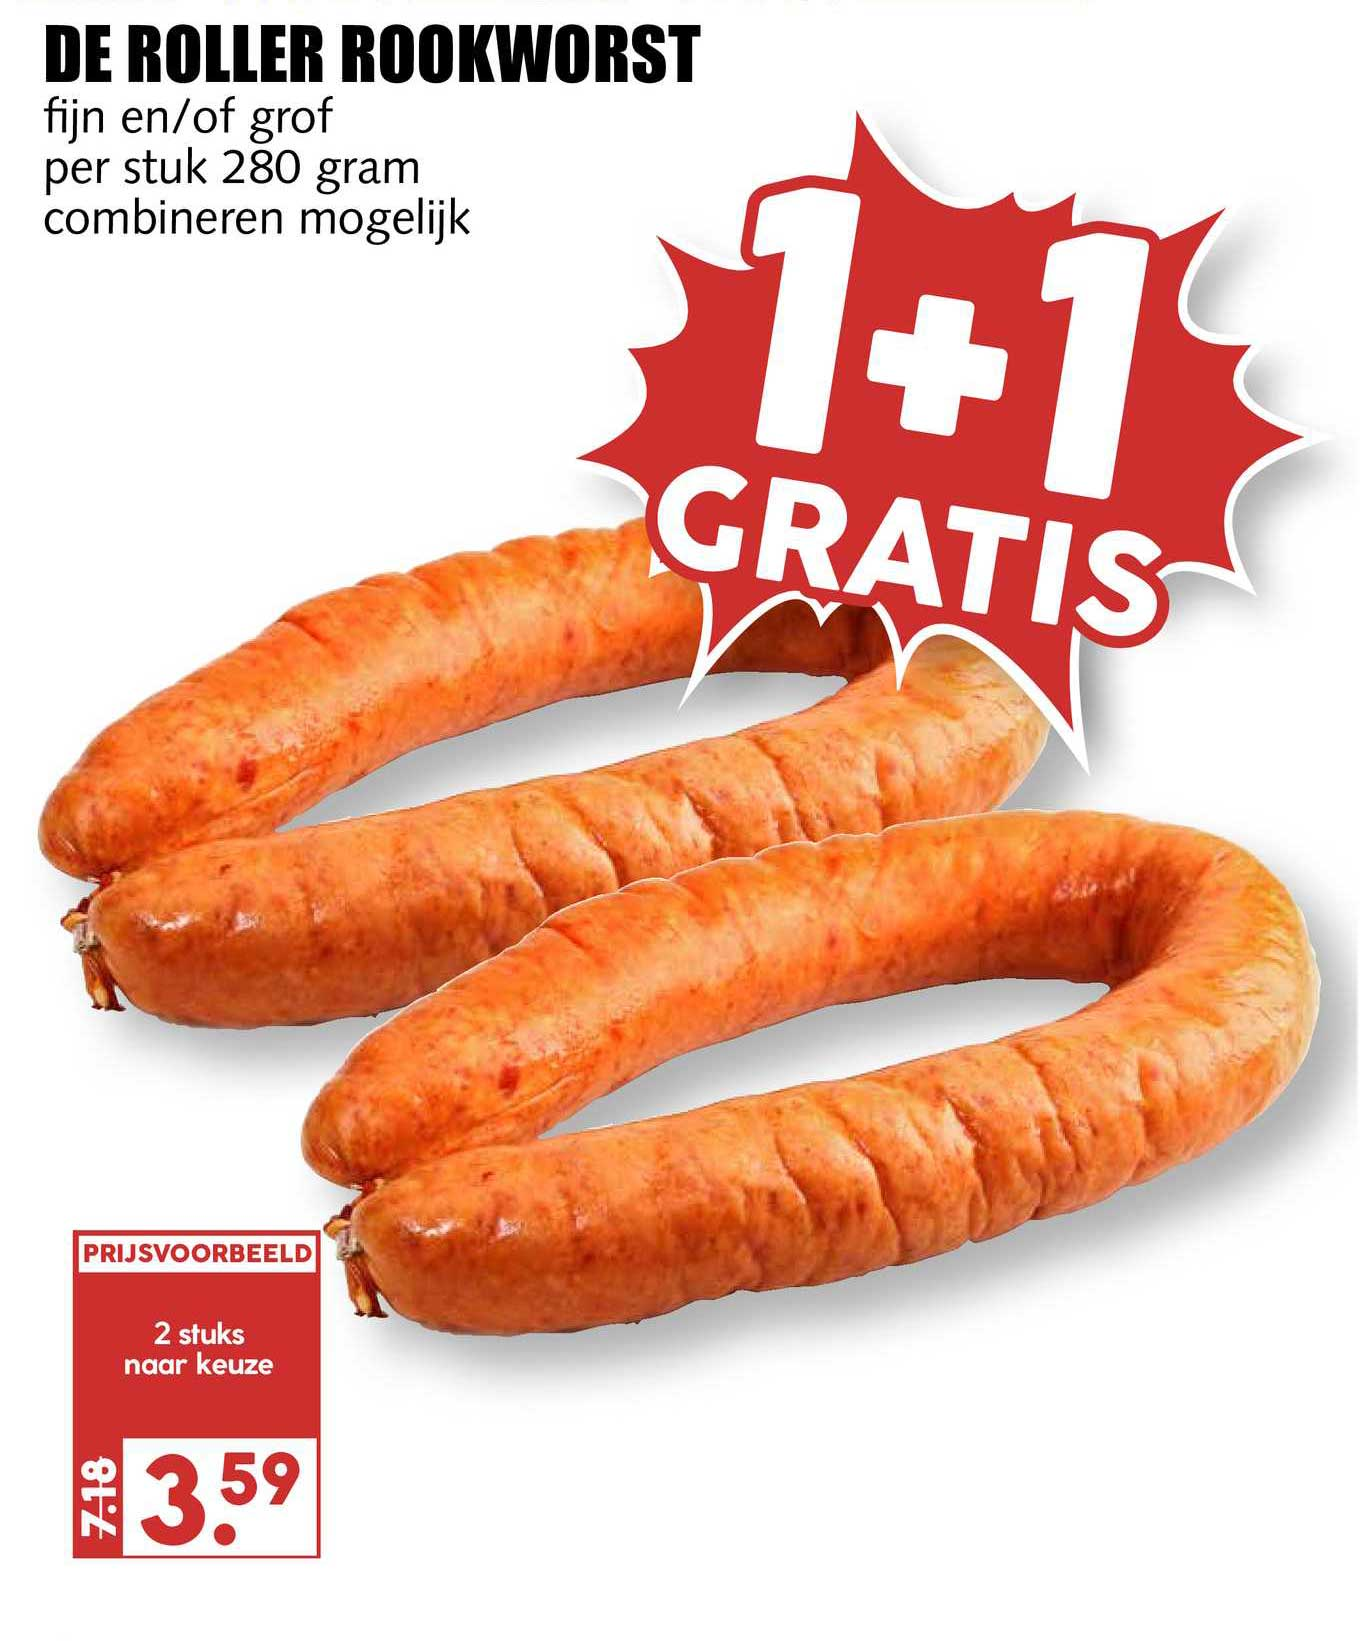 MCD Supermarkt De Roller Rookworst Fijn En-of Grof 1+1 Gratis